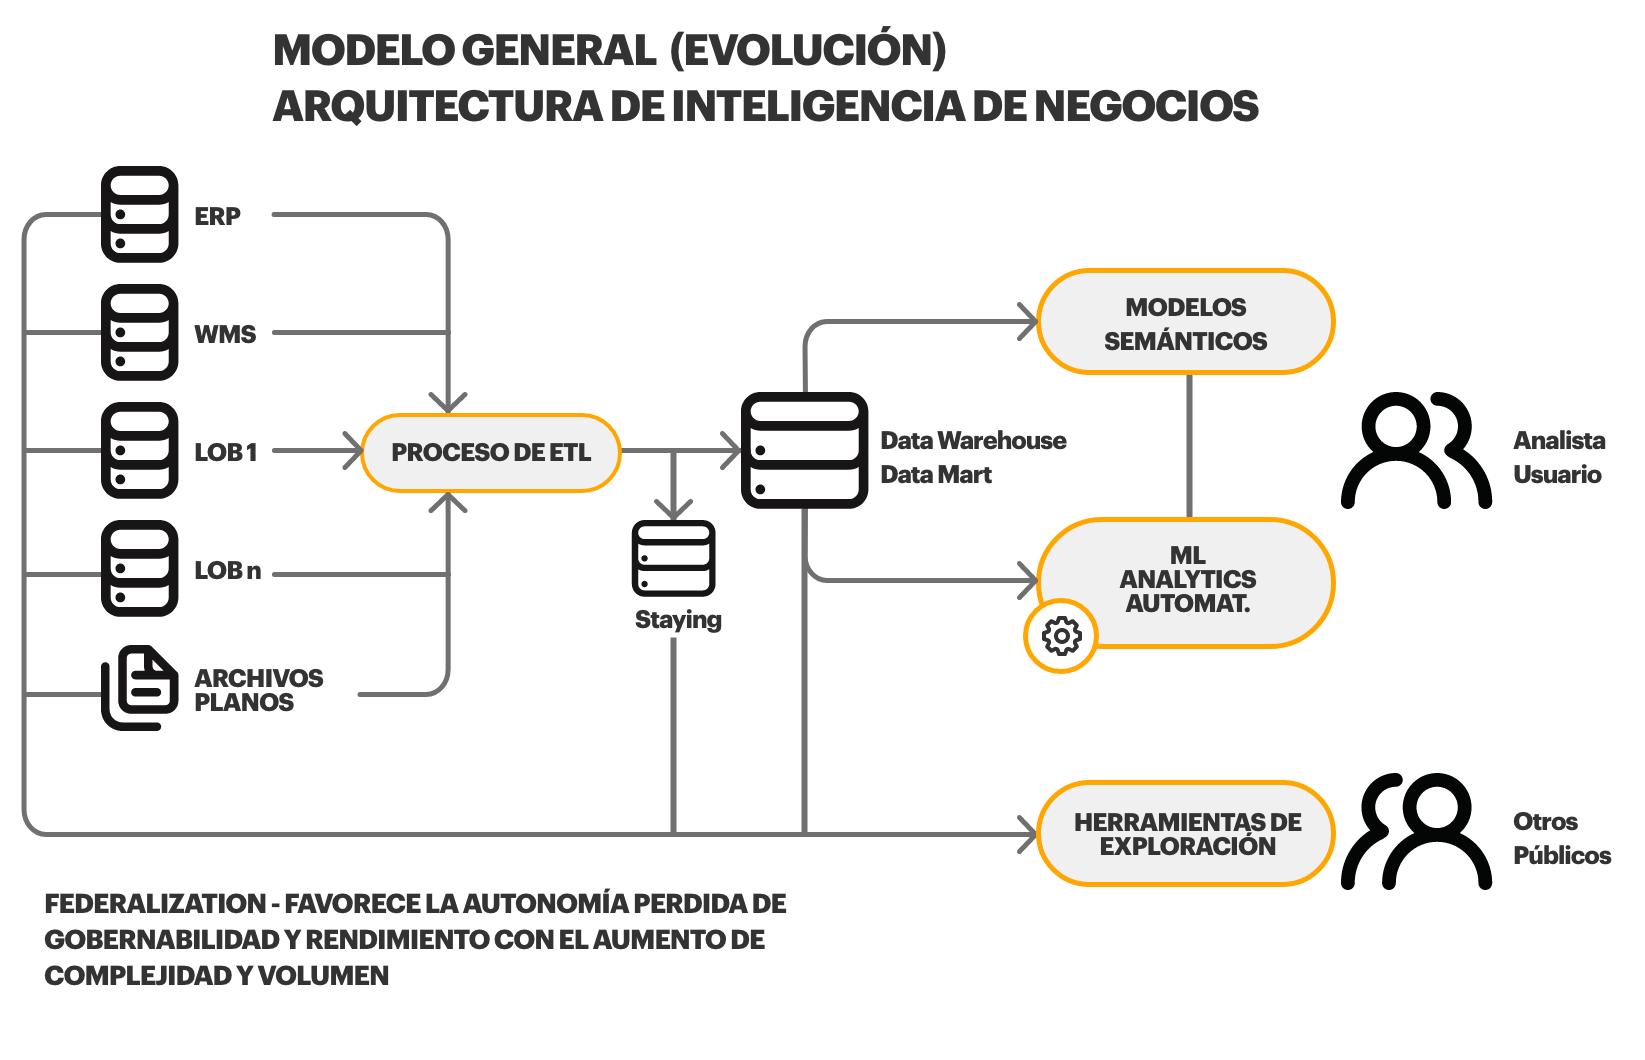 Modelo gerencial evolucionado